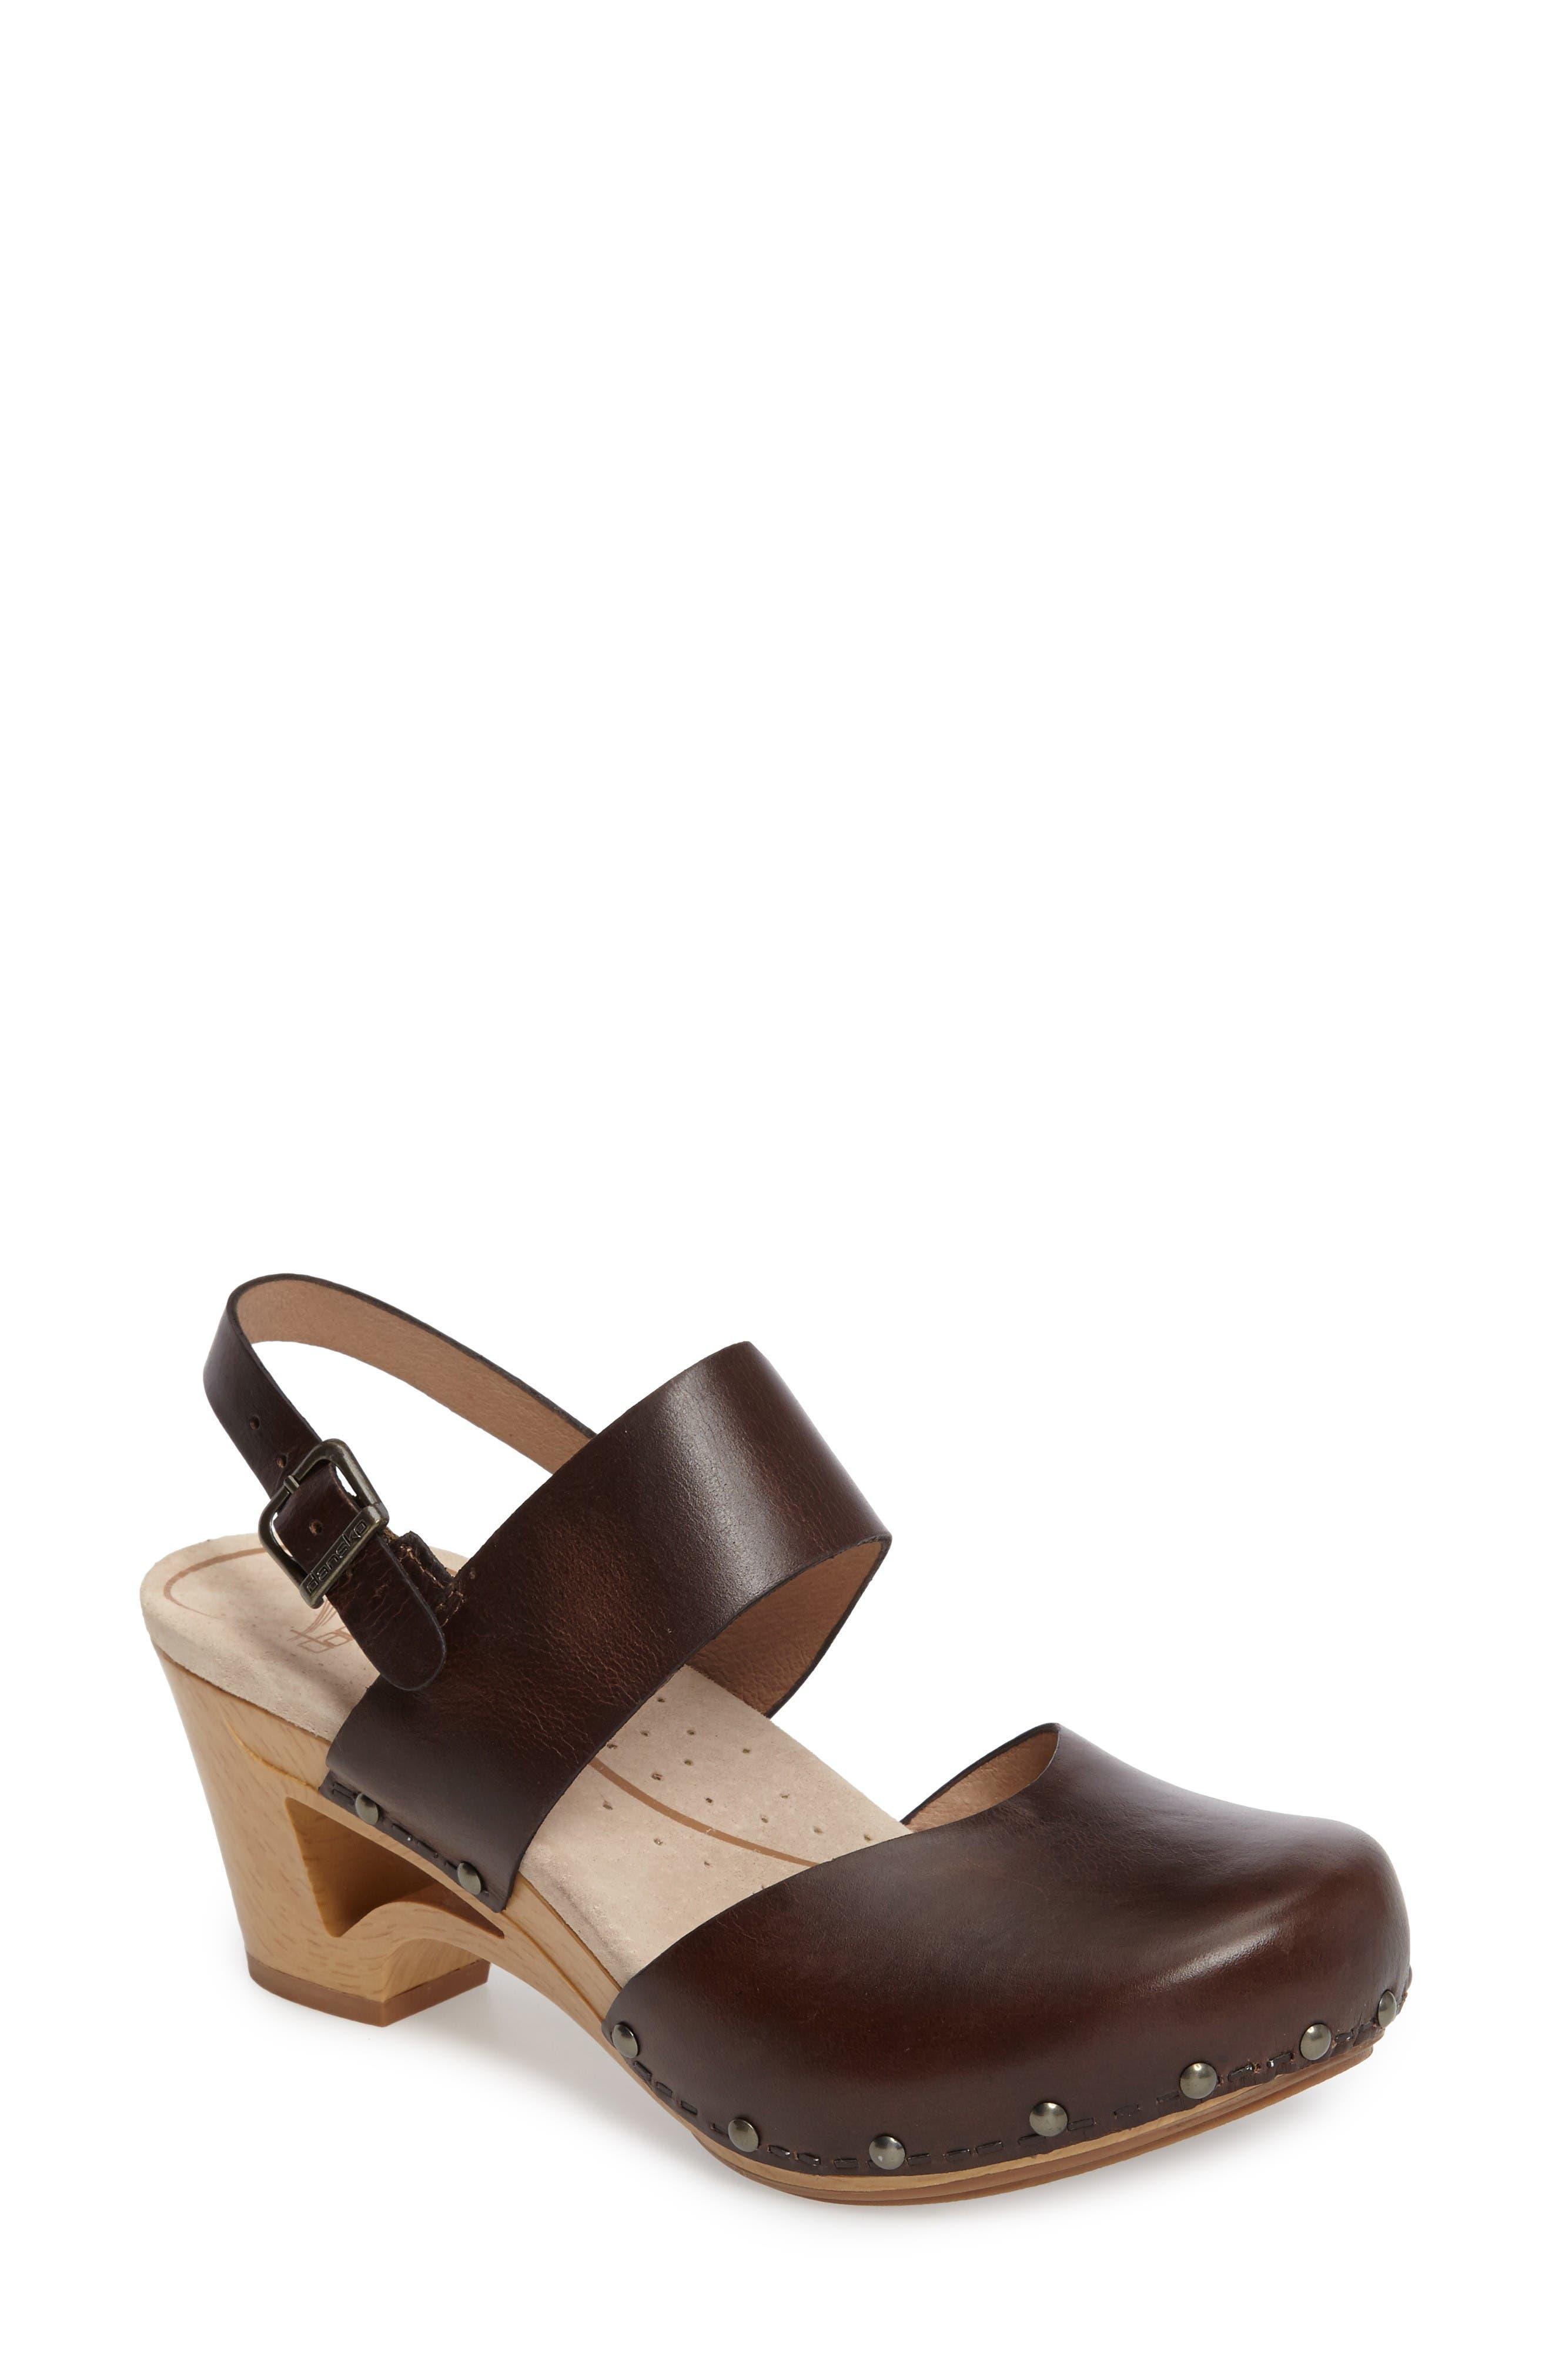 Main Image - Dansko 'Thea' Sandal